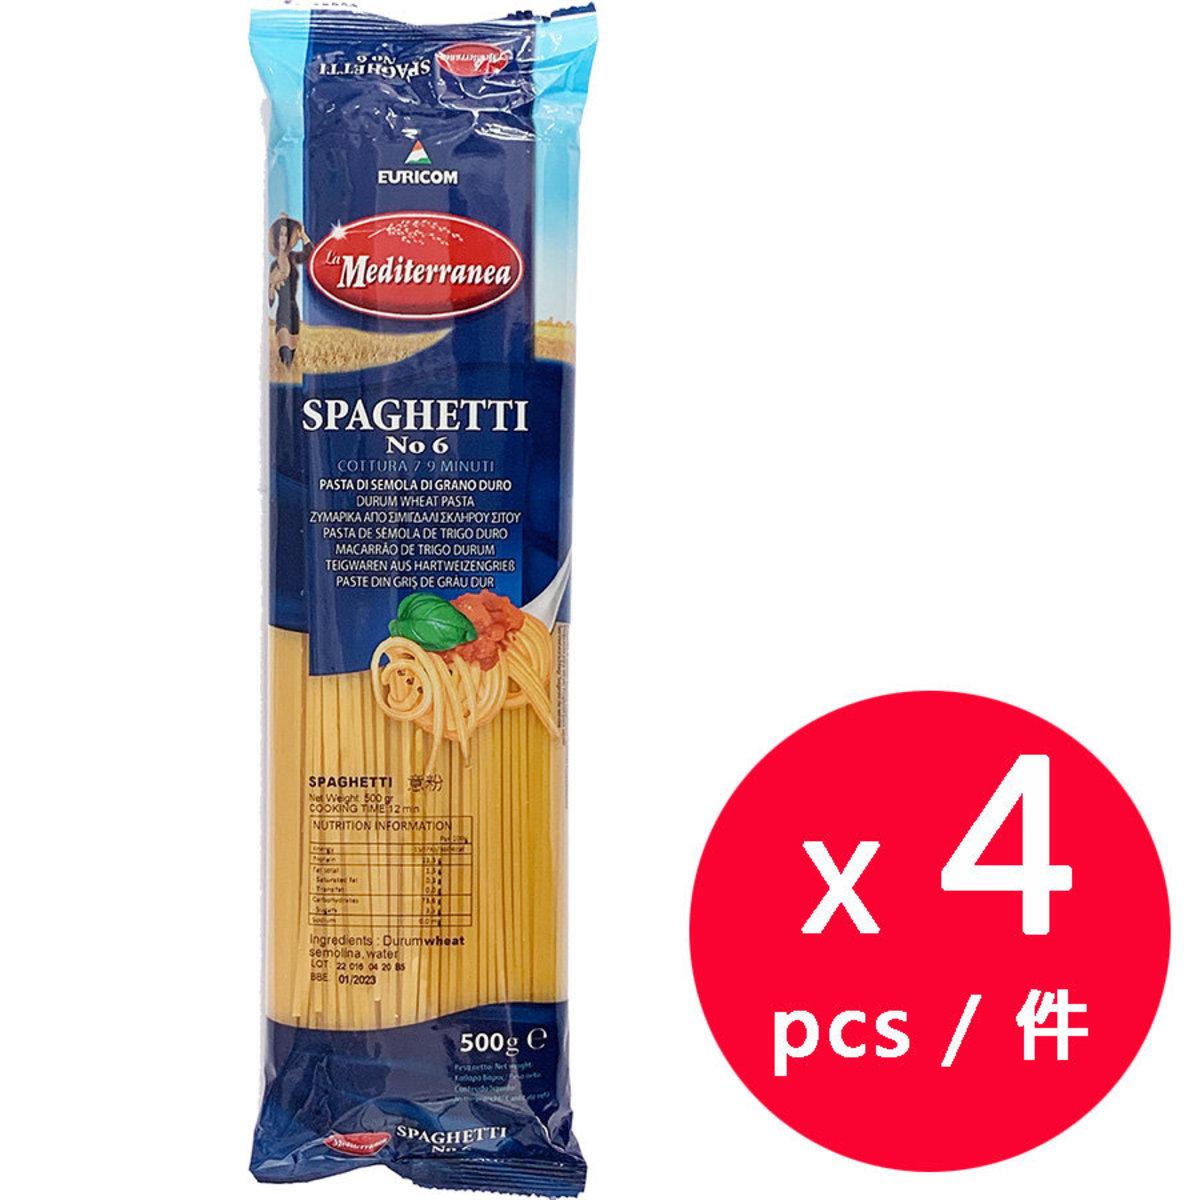 La Mediterranea No.6 Spaghetti 500g x 4 Packs